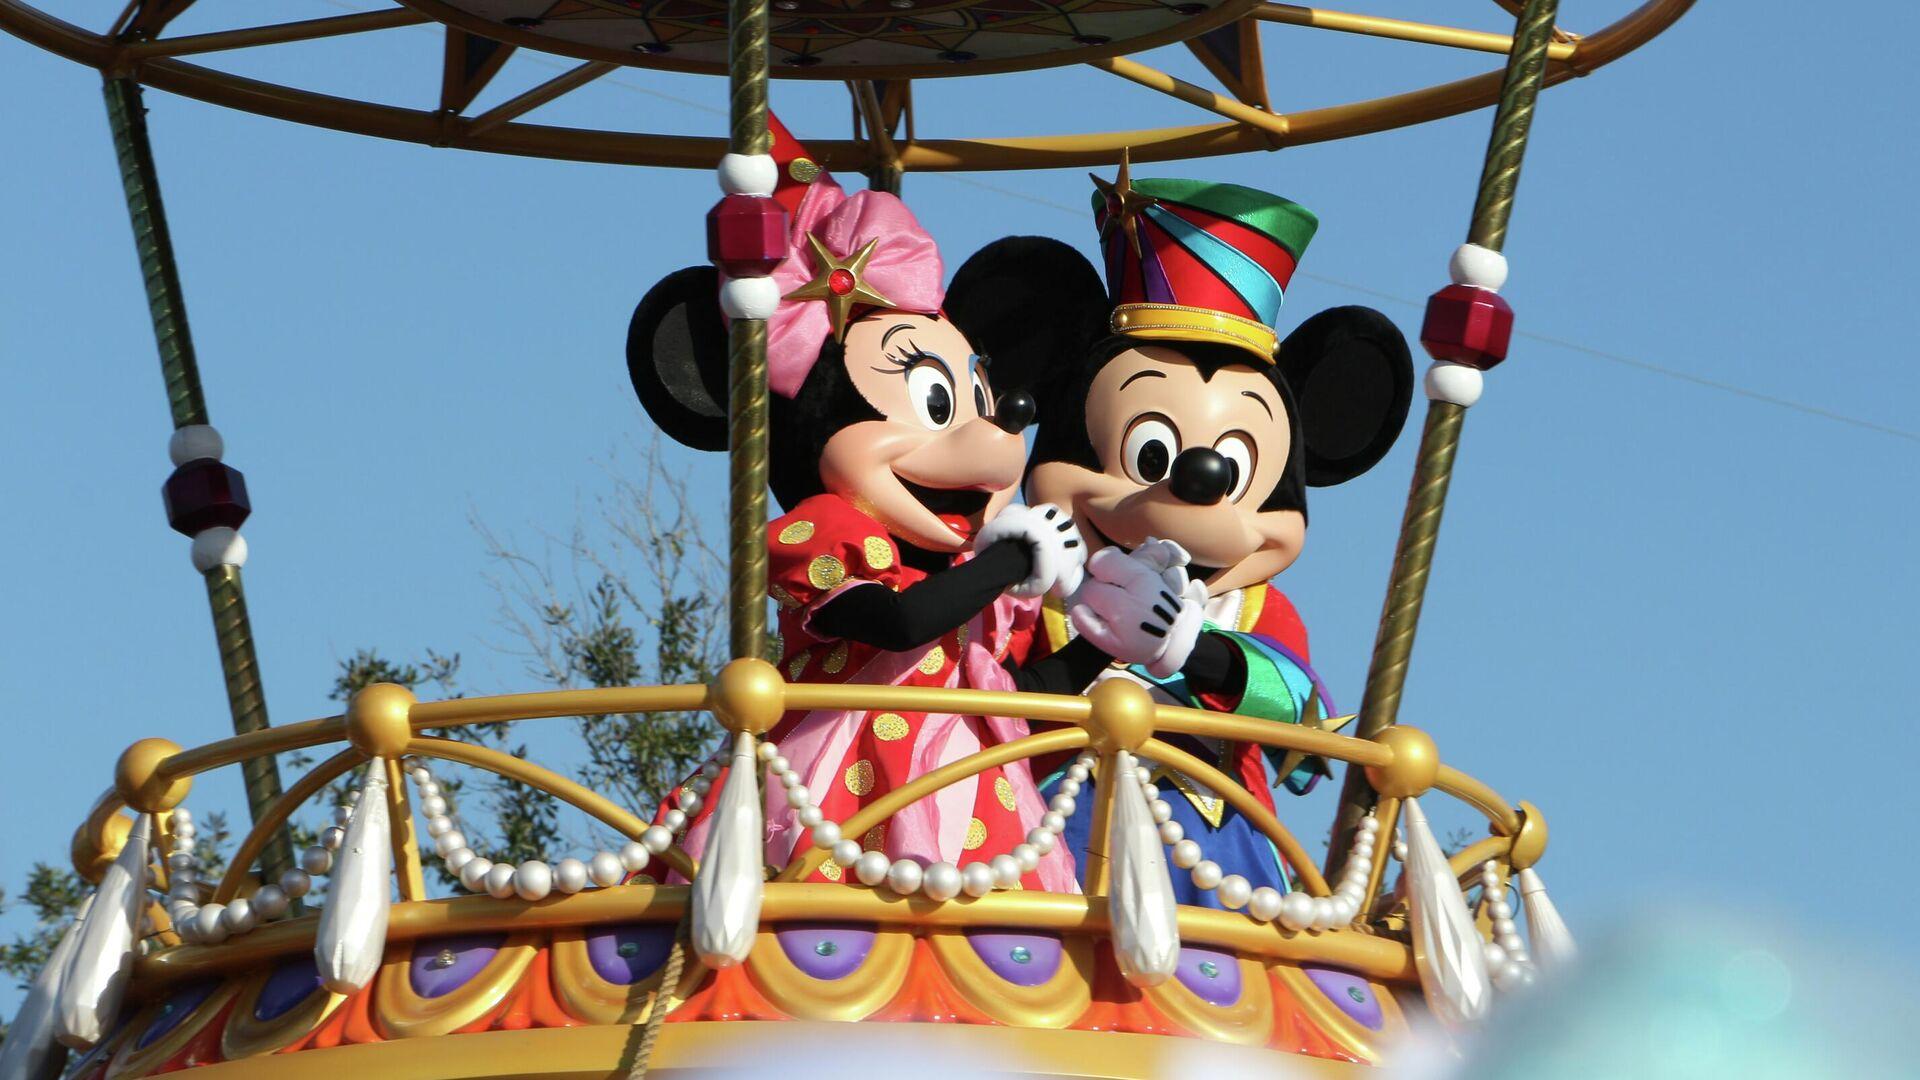 Mickey y Minnie Mouse en uno de los parques temáticos de Disney en Florida - Sputnik Mundo, 1920, 23.06.2021